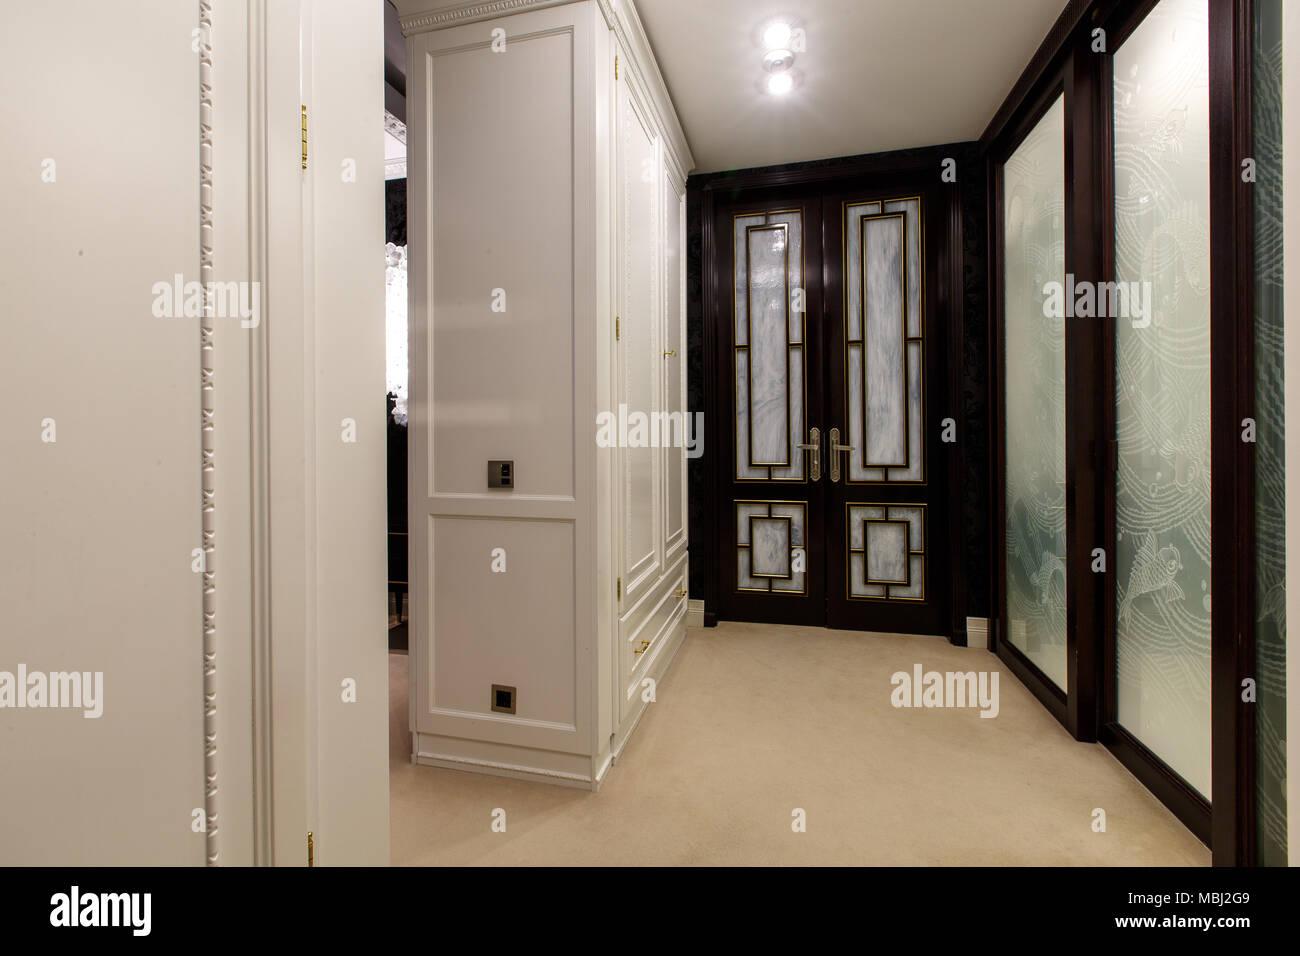 Ankleidezimmer luxus  Luxus Ankleidezimmer in der Wohnung mit Teppichboden, große weiße ...